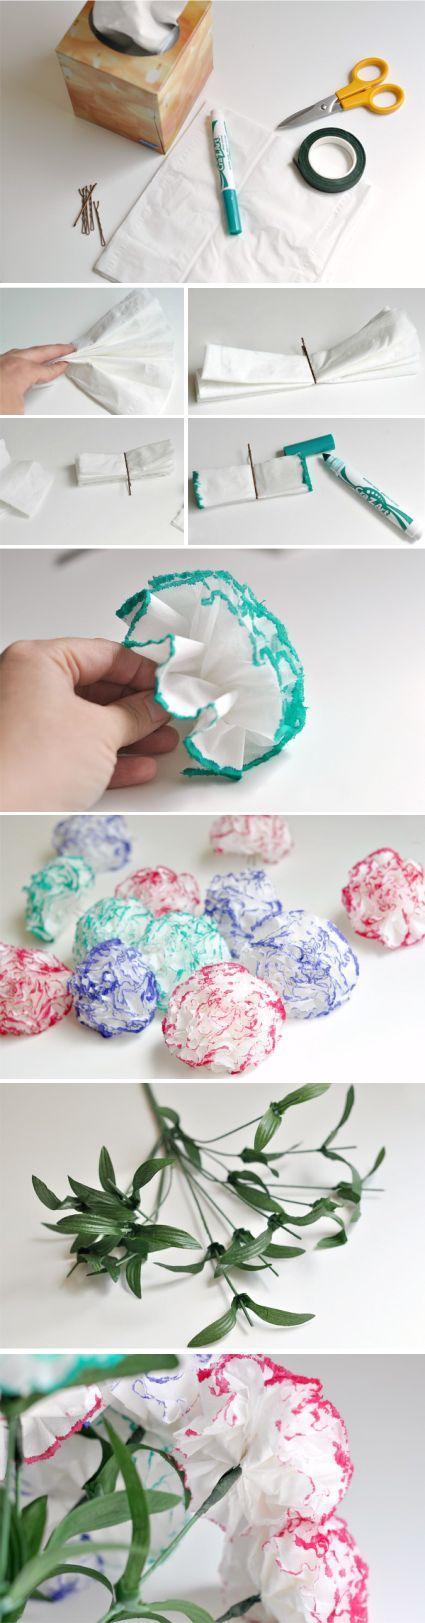 Tissue Flowers - so cute!!!!